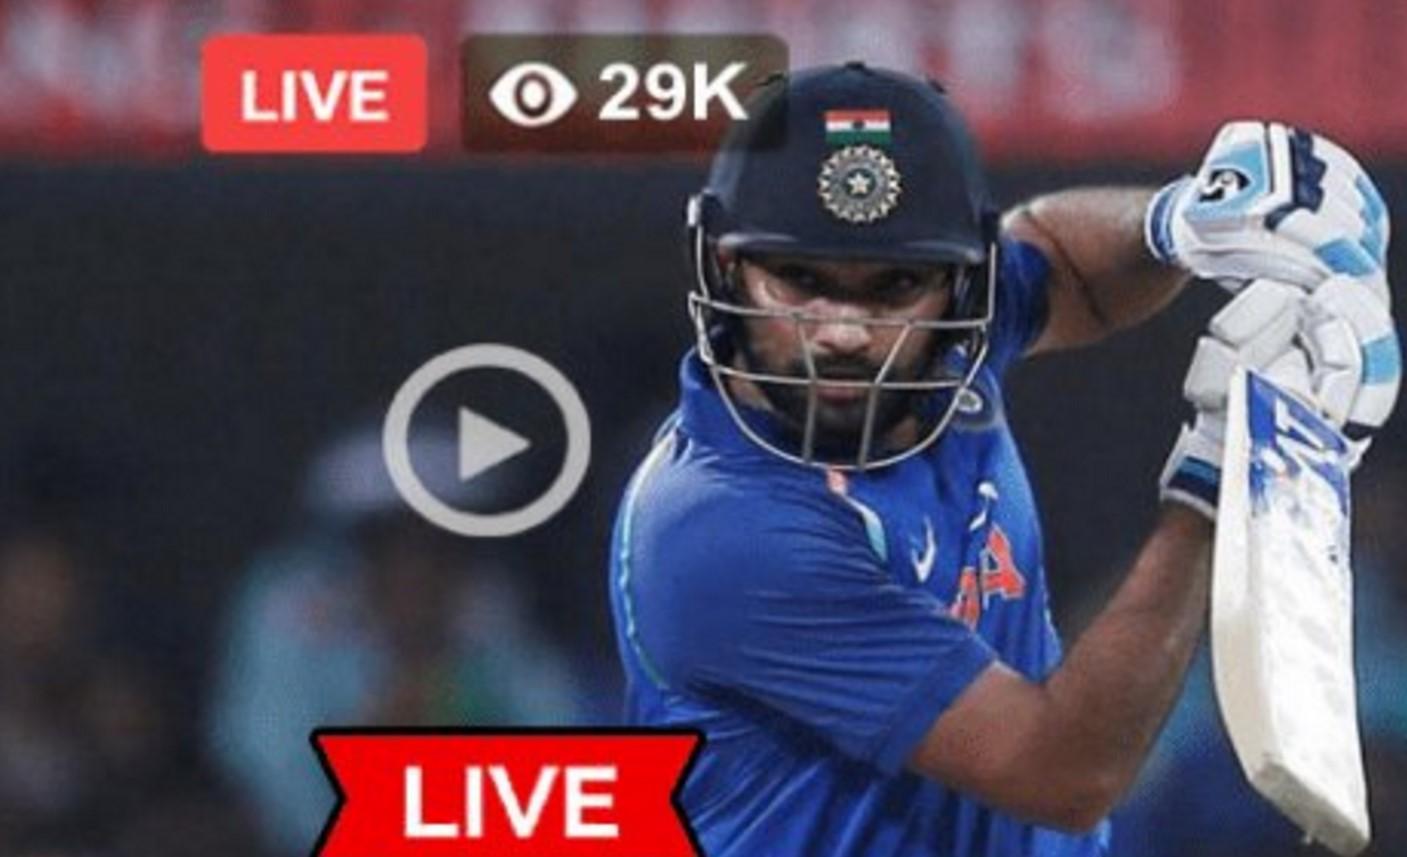 India vs Sri Lanka T20 Live